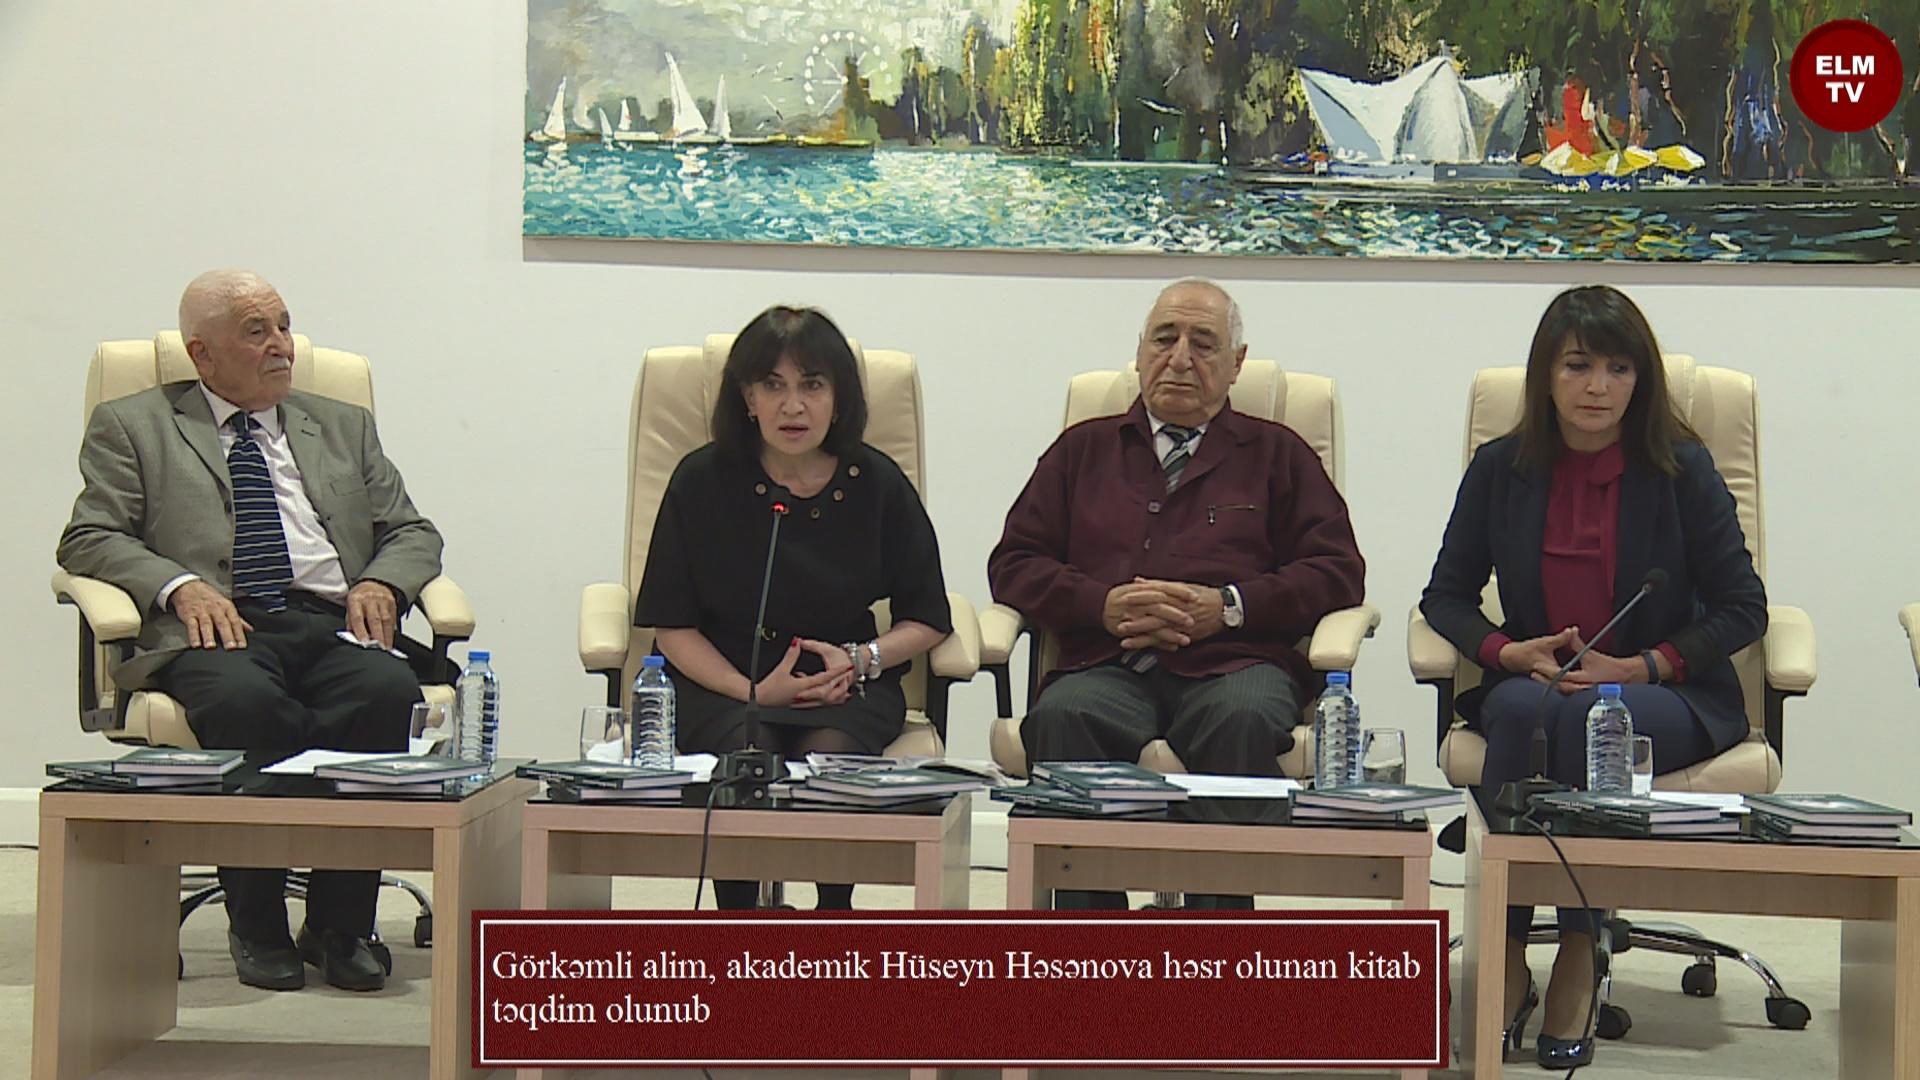 Görkəmli alim, akademik Hüseyn Həsənova həsr olunan kitab təqdim olunub